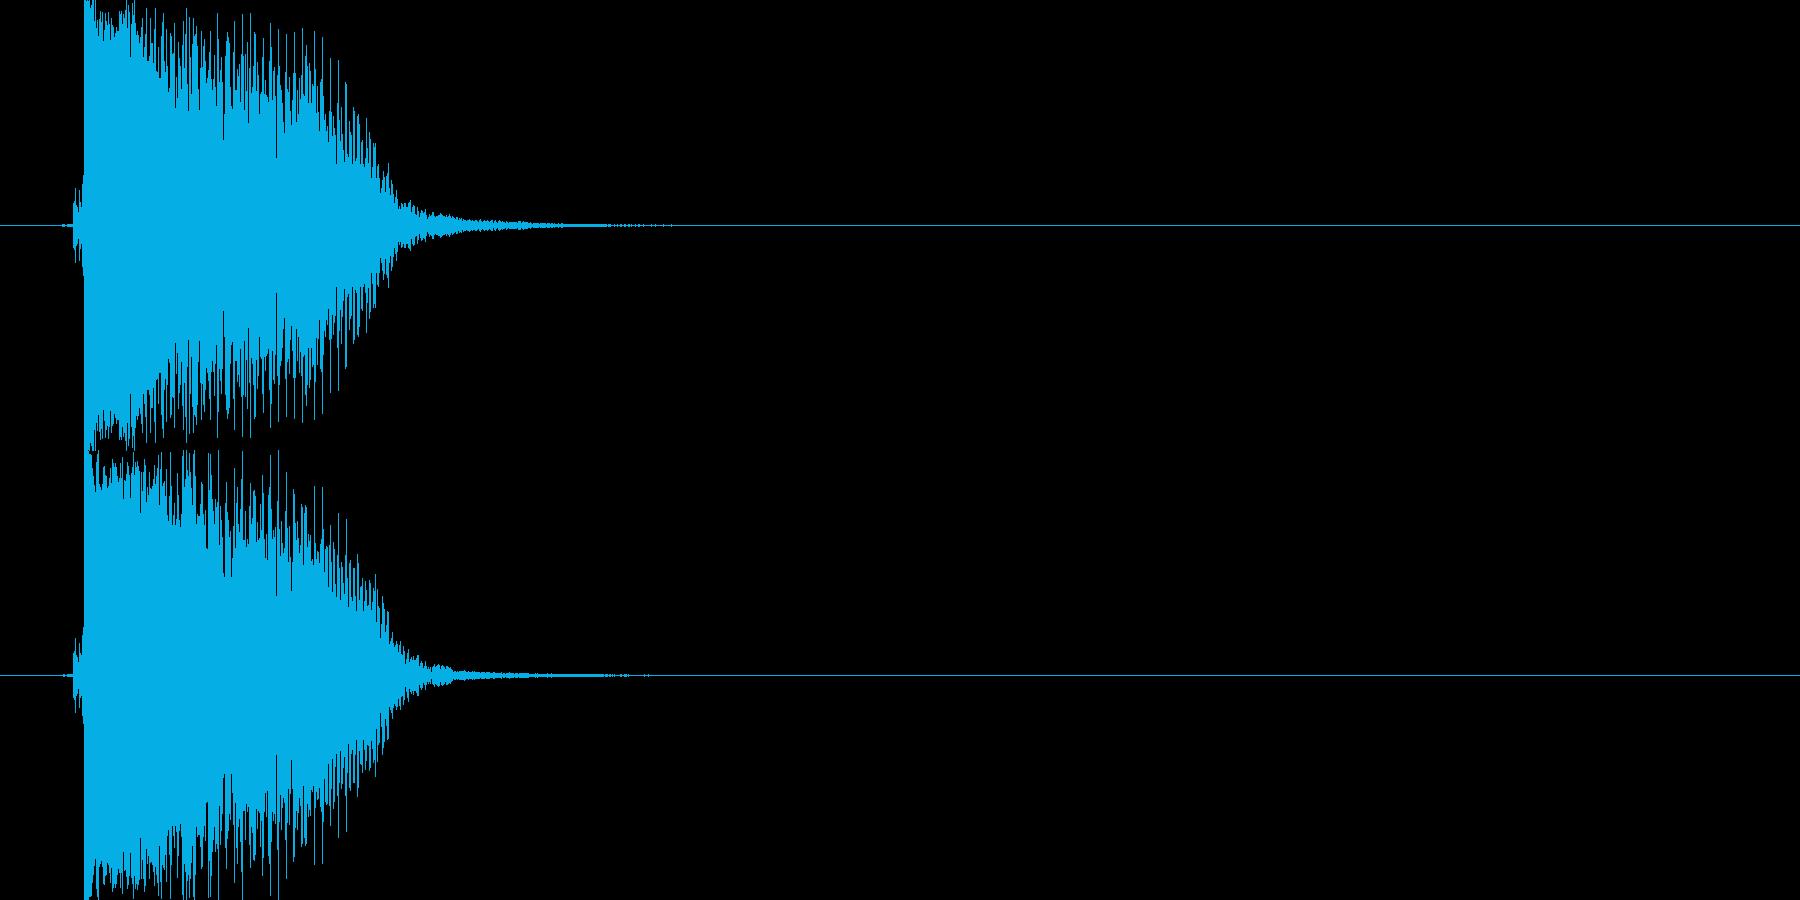 アクセントやポイント切り替えフレーズの再生済みの波形